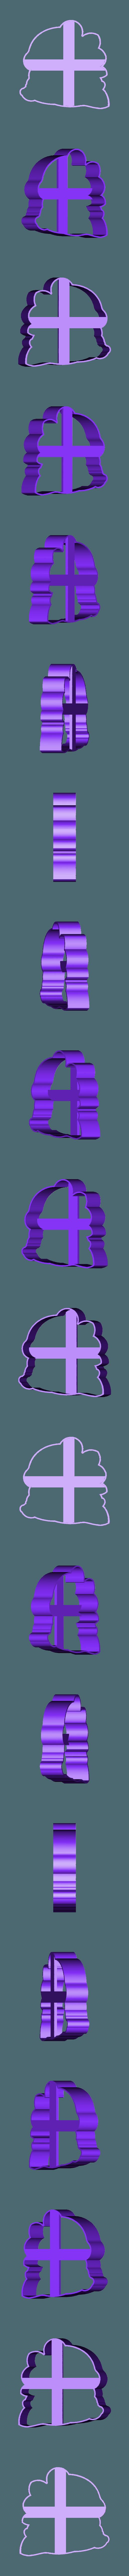 BUBBLE BOBBLE CUTTER.stl Télécharger fichier STL gratuit Bubble Bobble : un moule à biscuit • Design à imprimer en 3D, 3DPrintersaur